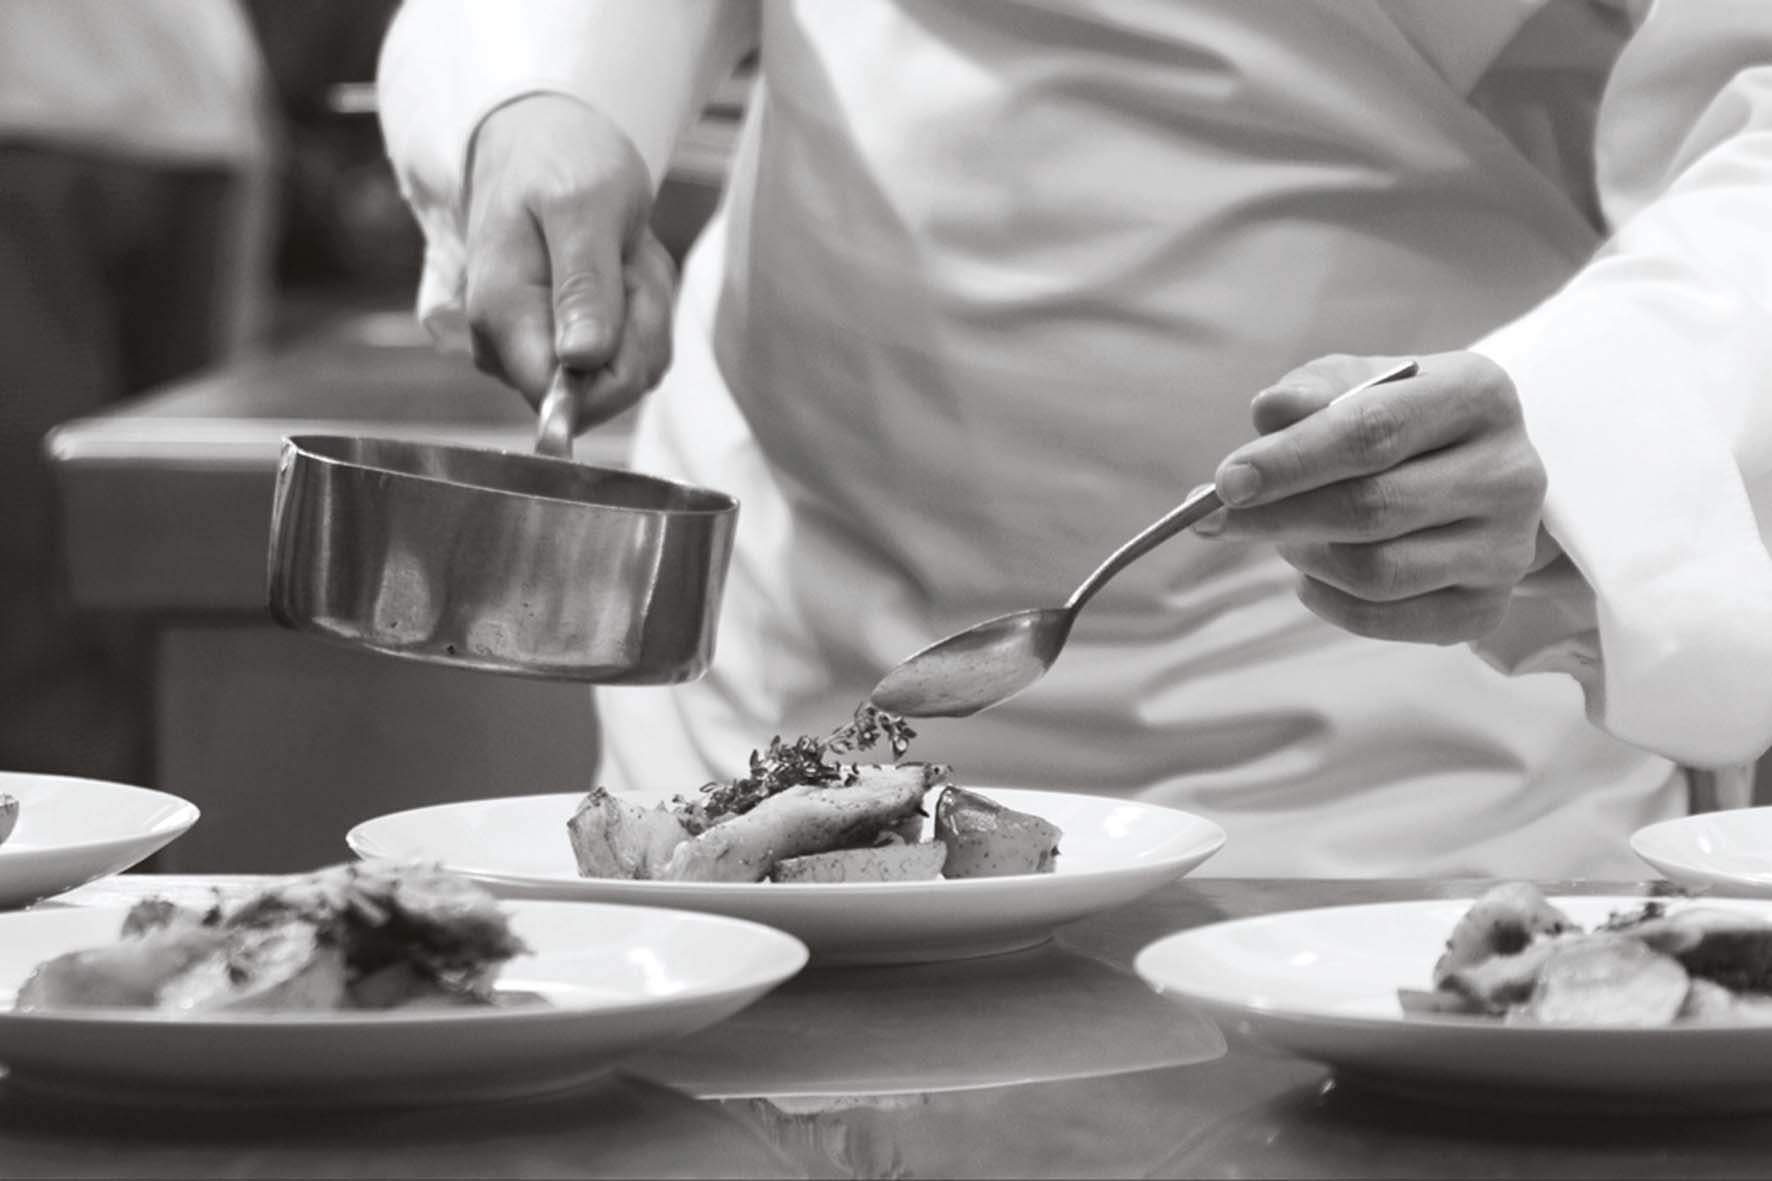 Comme un chef la bible de la cuisine mondiale savoir - Cuisine comme un chef ...